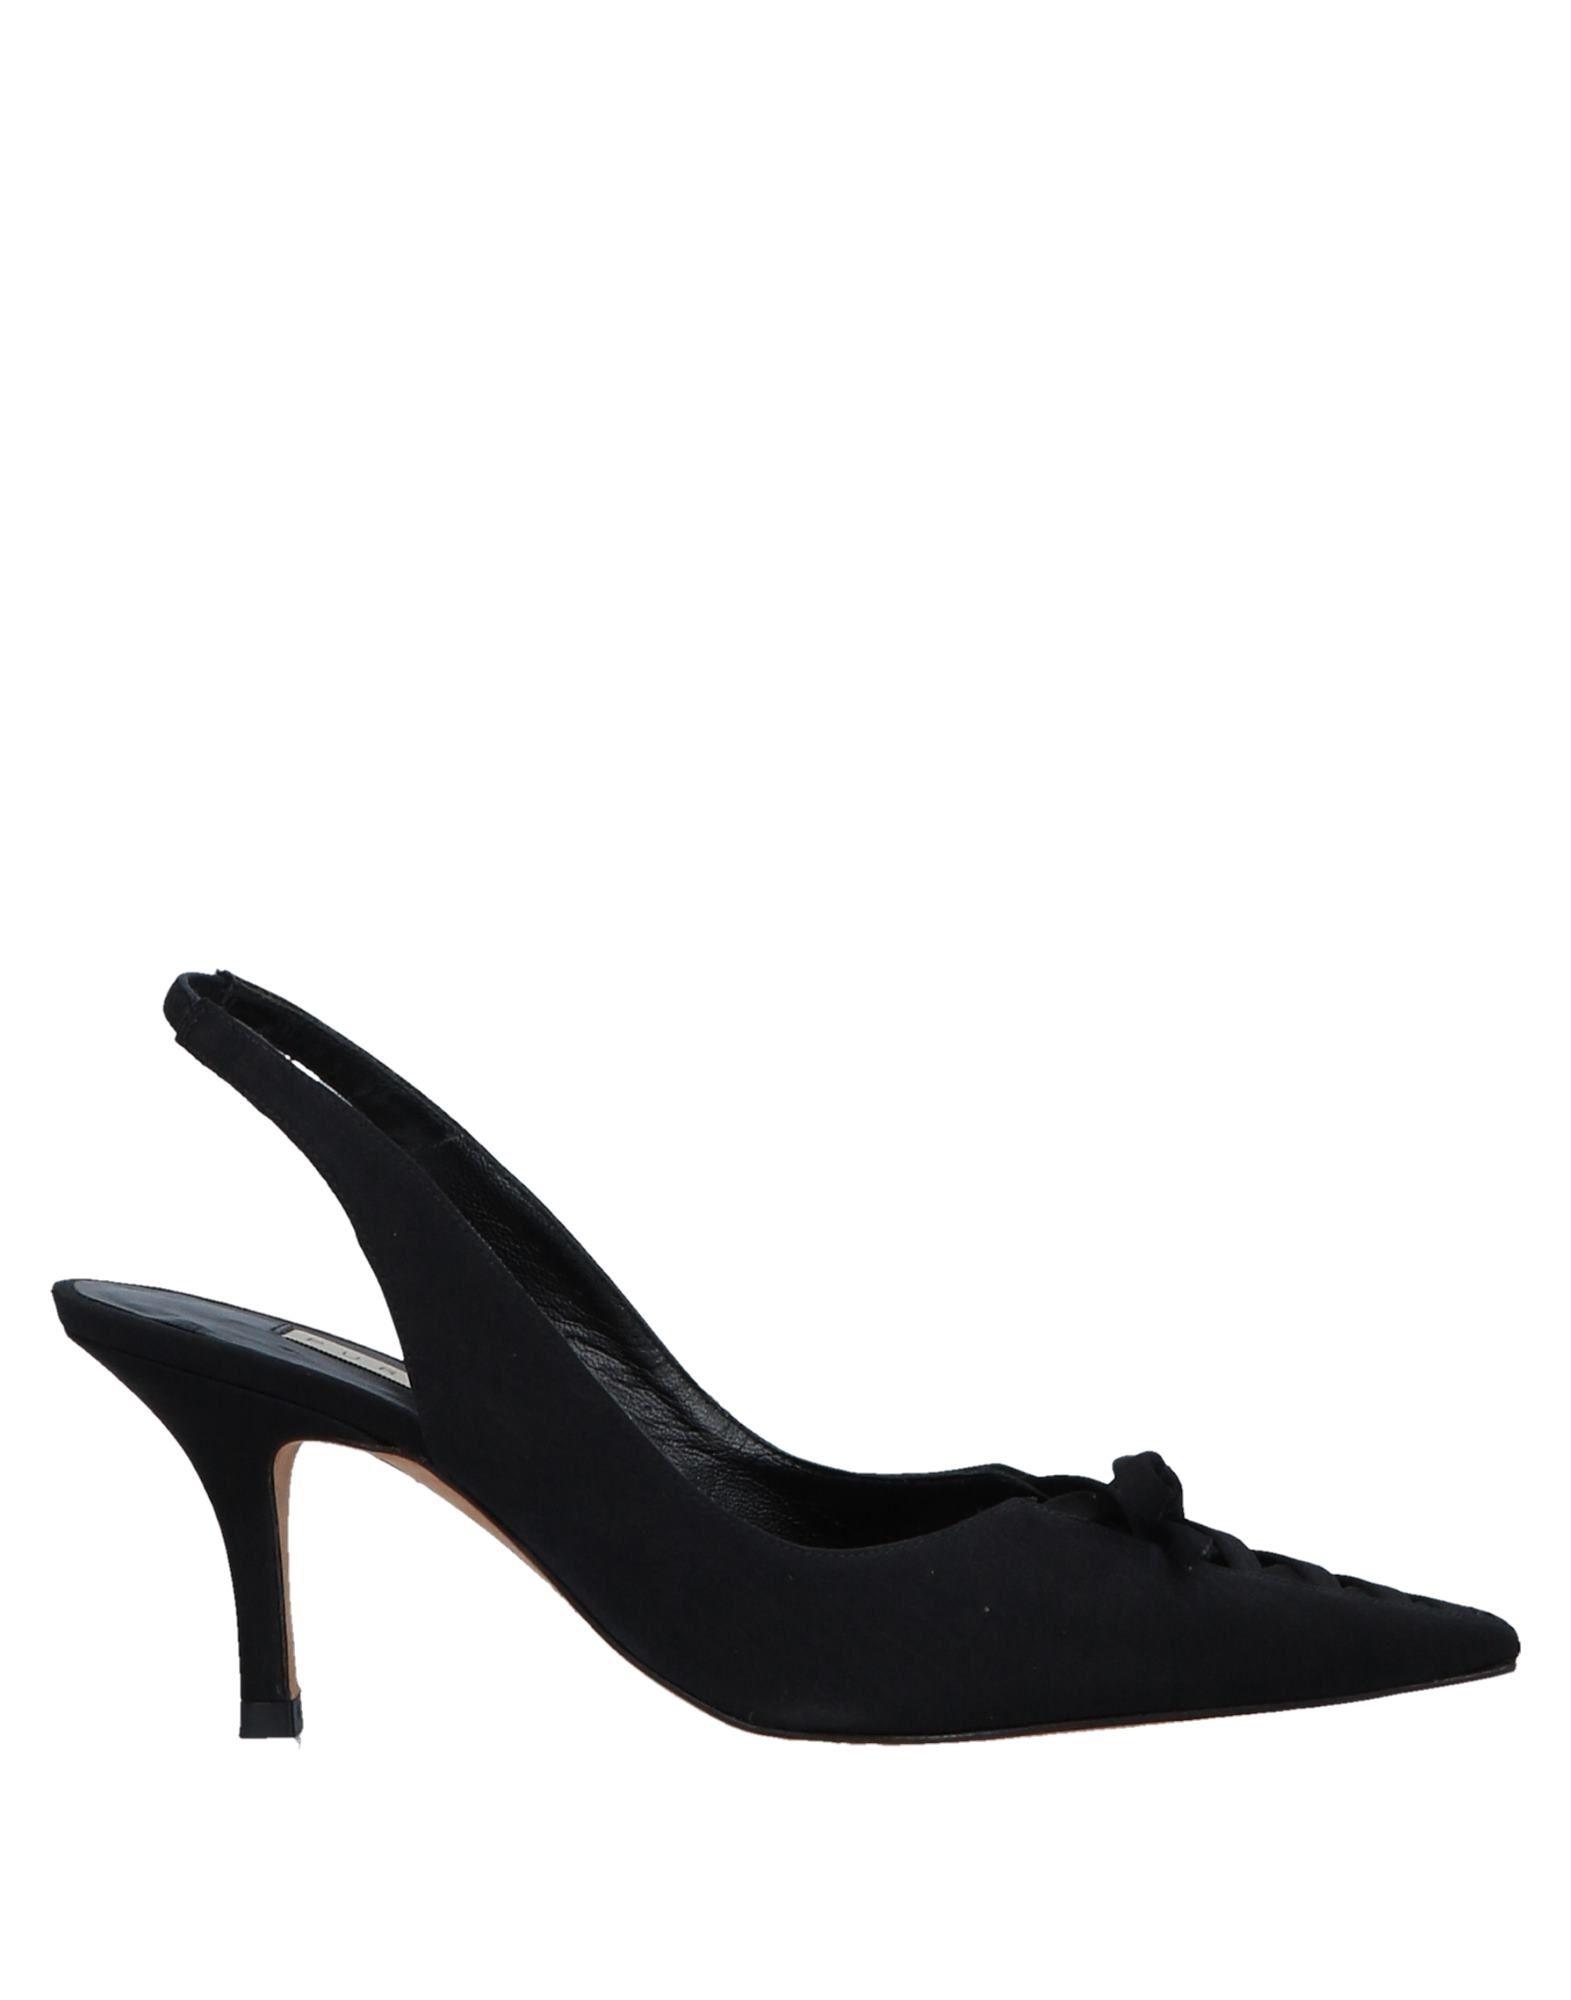 Recortes de precios estacionales, beneficios de descuento Zapato De De Zapato Salón Pura López Mujer - Salones Pura López  Negro cc35e7